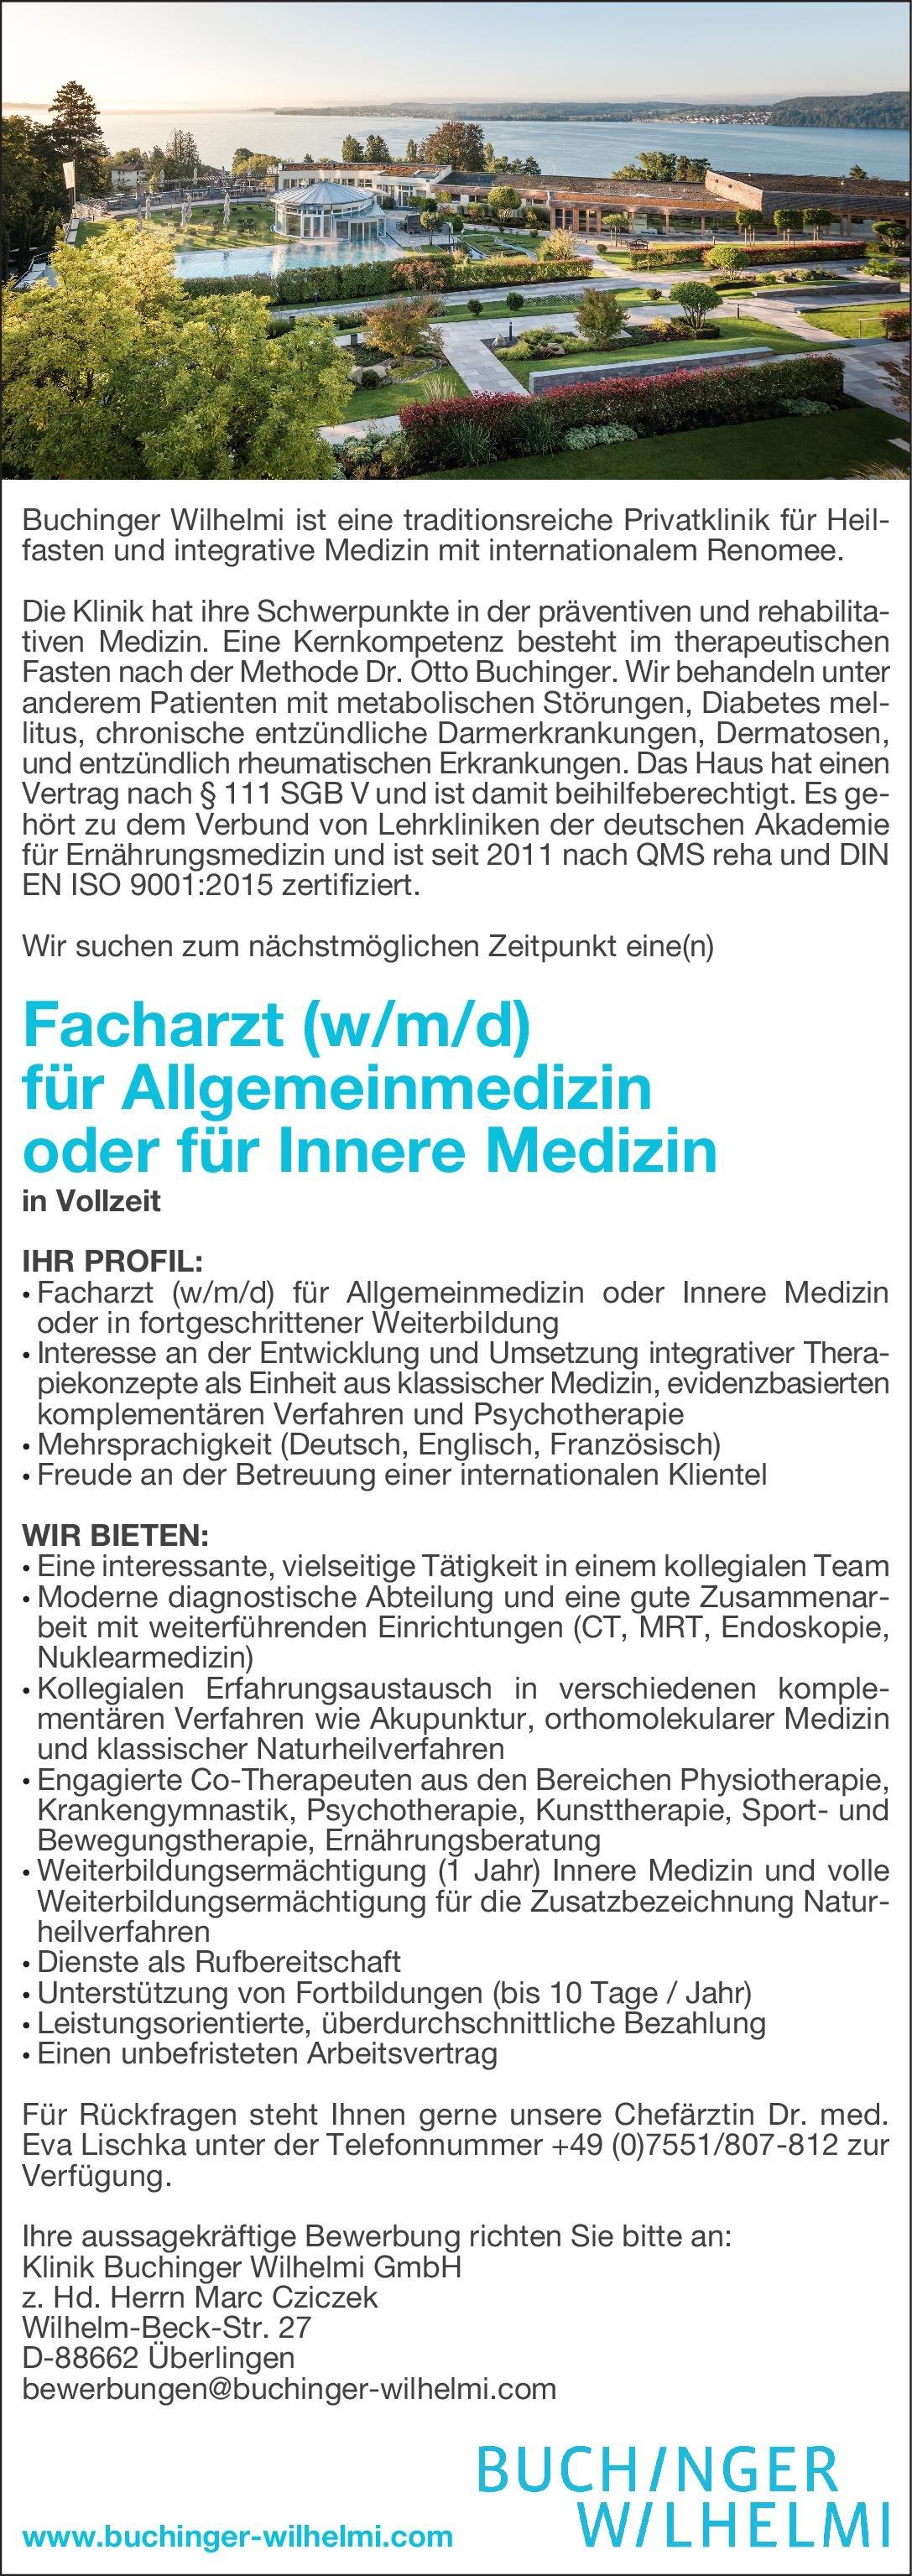 Klinik Buchinger Wilhelmi GmbH Facharzt (w/m/d) für Allgemeinmedizin oder für Innere Medizin  Innere Medizin, Allgemeinmedizin, Innere Medizin Arzt / Facharzt